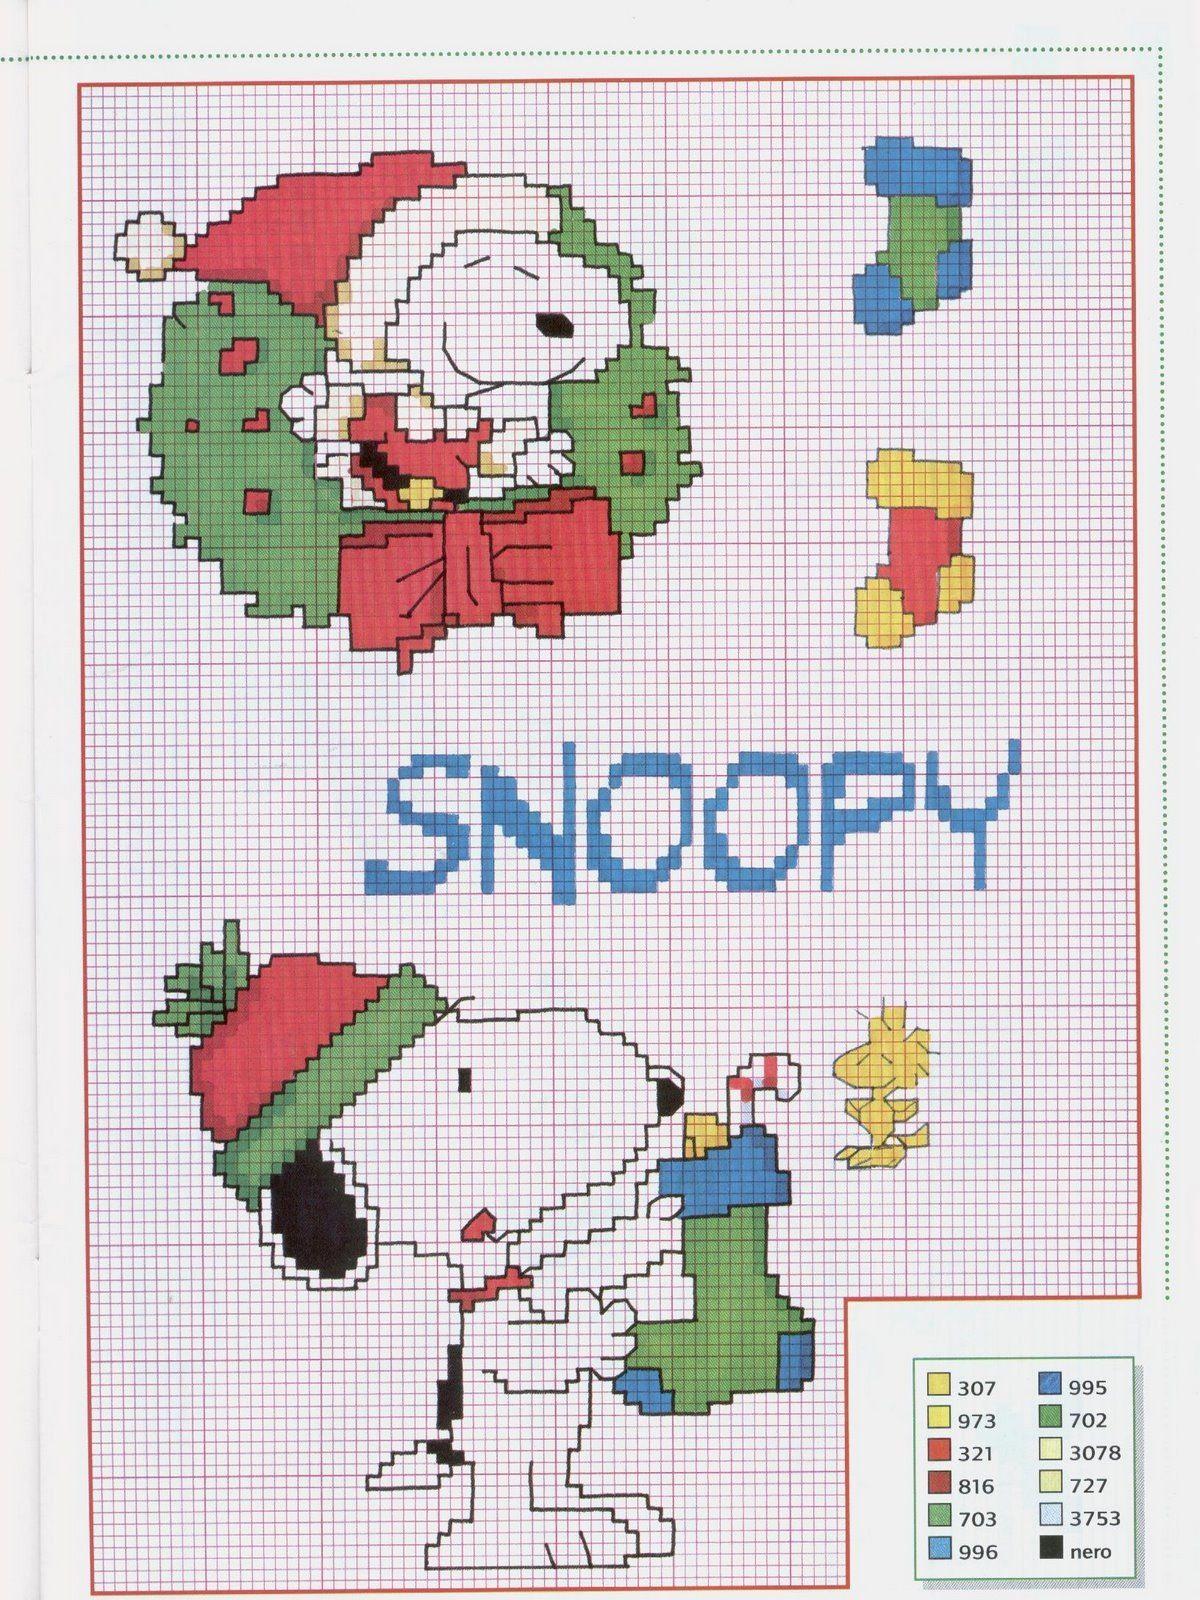 Visto en: http://fiestasnavidad.blogspot.com/2009/11/patrones-navidad-punto-de-cruz-snoopy.html